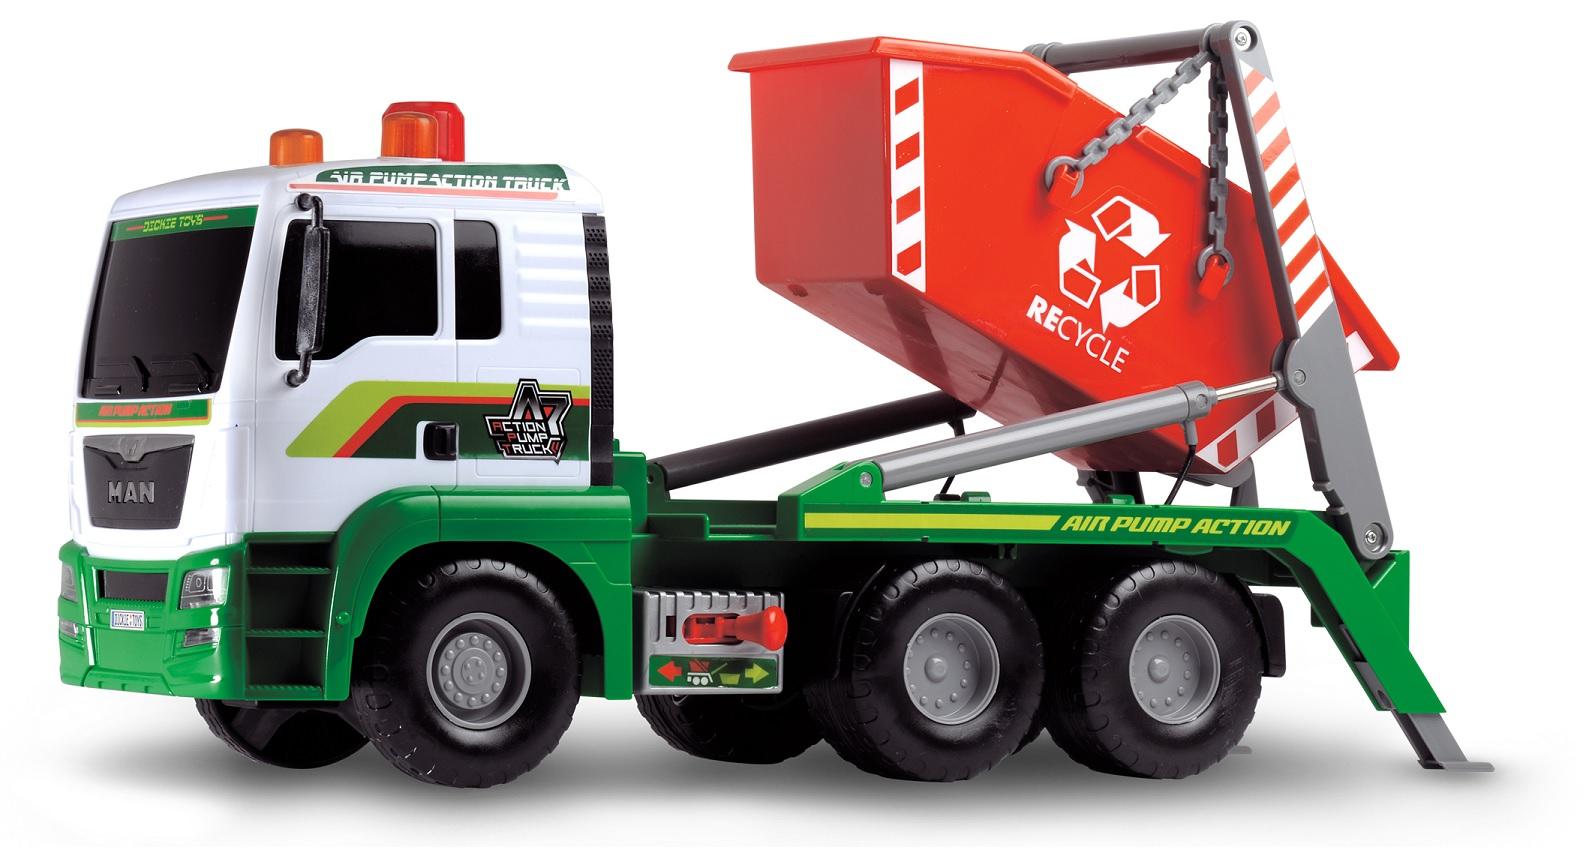 Мусоровоз с большим контейнером, Air Pump, 48 см.Городская техника<br>Мусоровоз с большим контейнером, Air Pump, 48 см.<br>